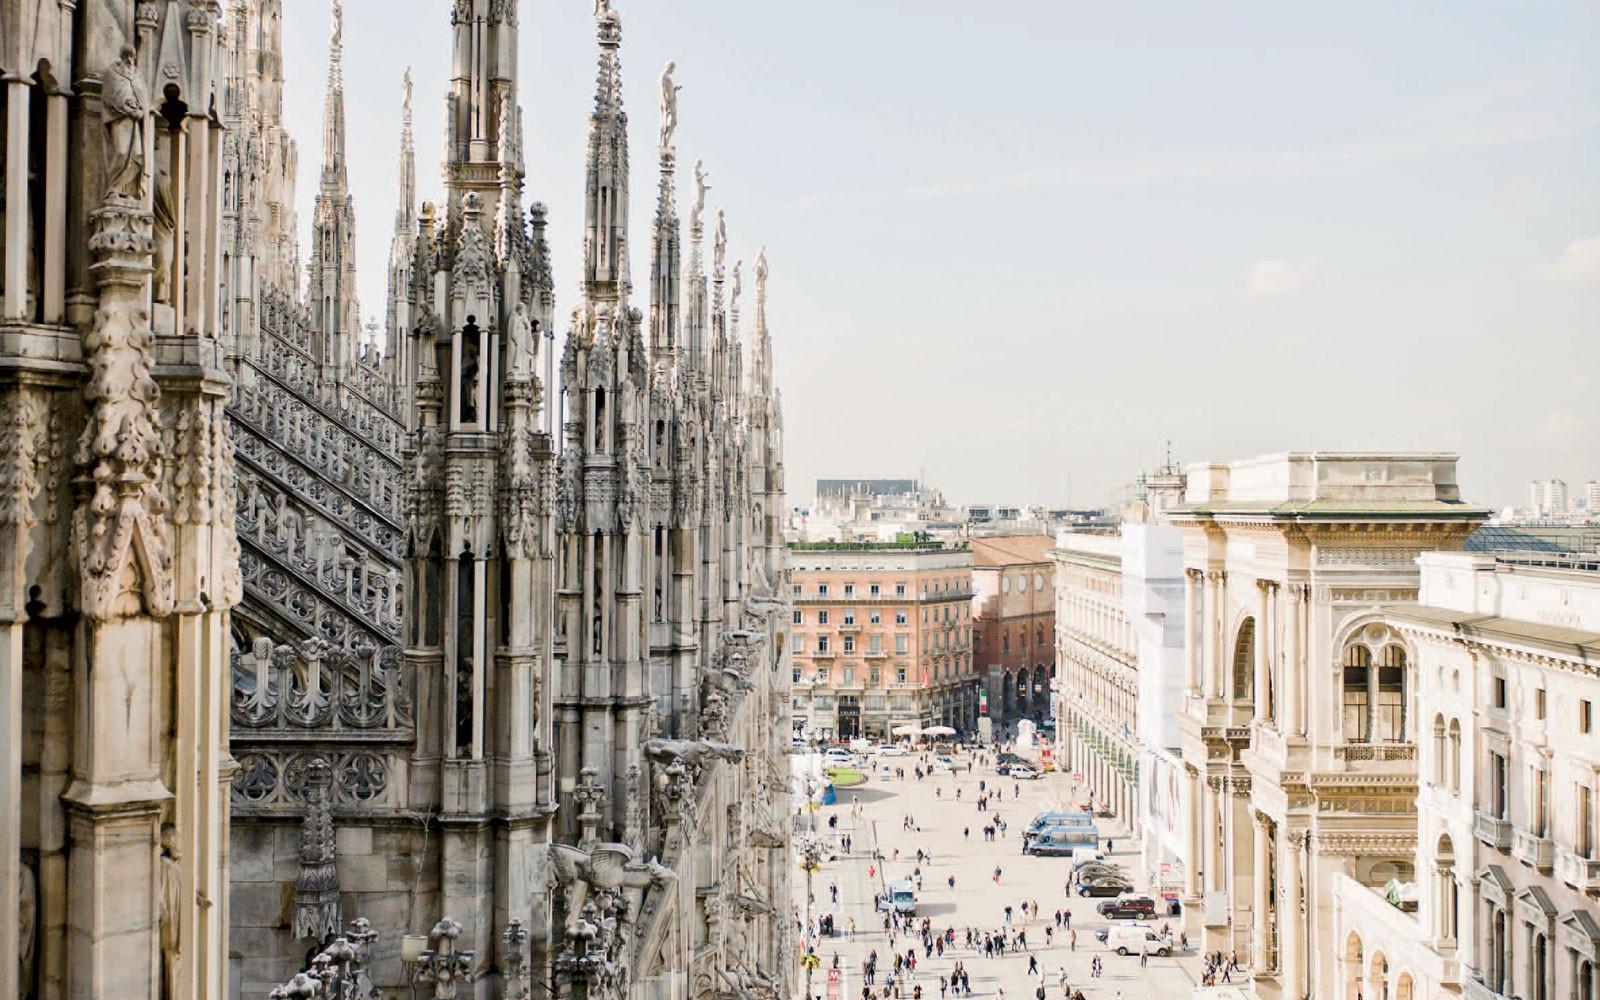 Doświadczenia w Mediolanie, Włochy oczami Martiny